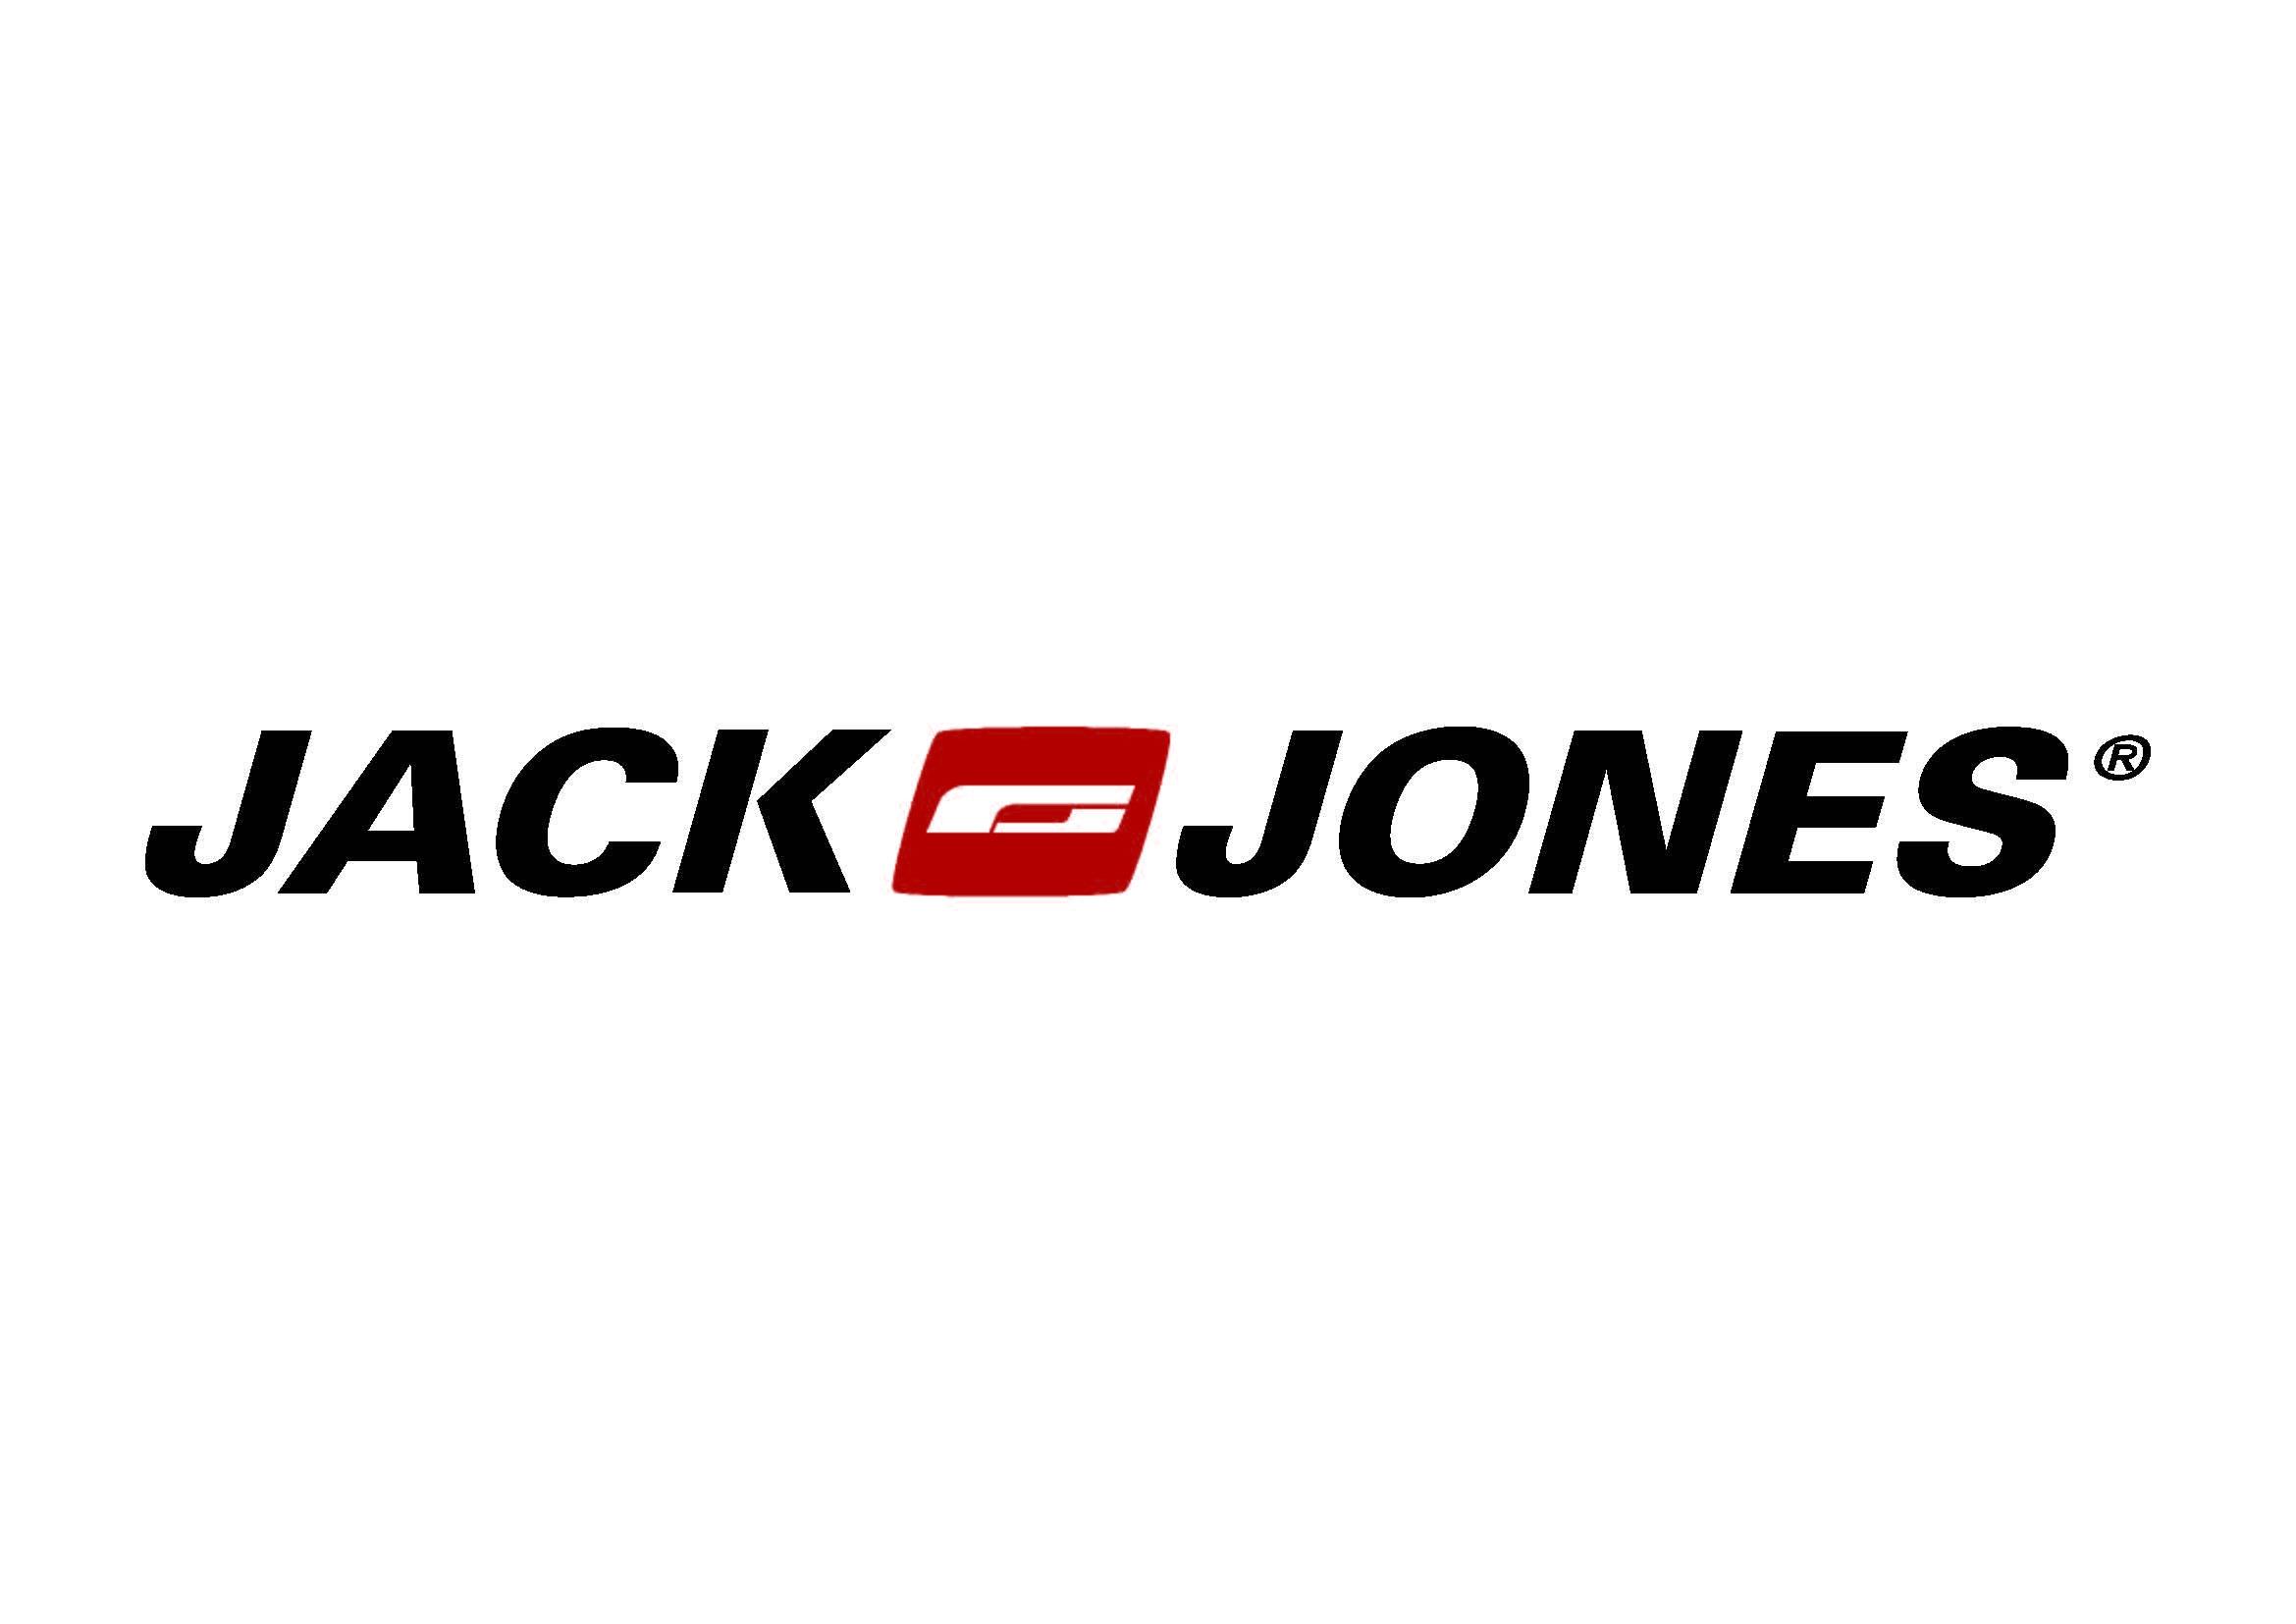 Afbeeldingsresultaat voor jack and jones